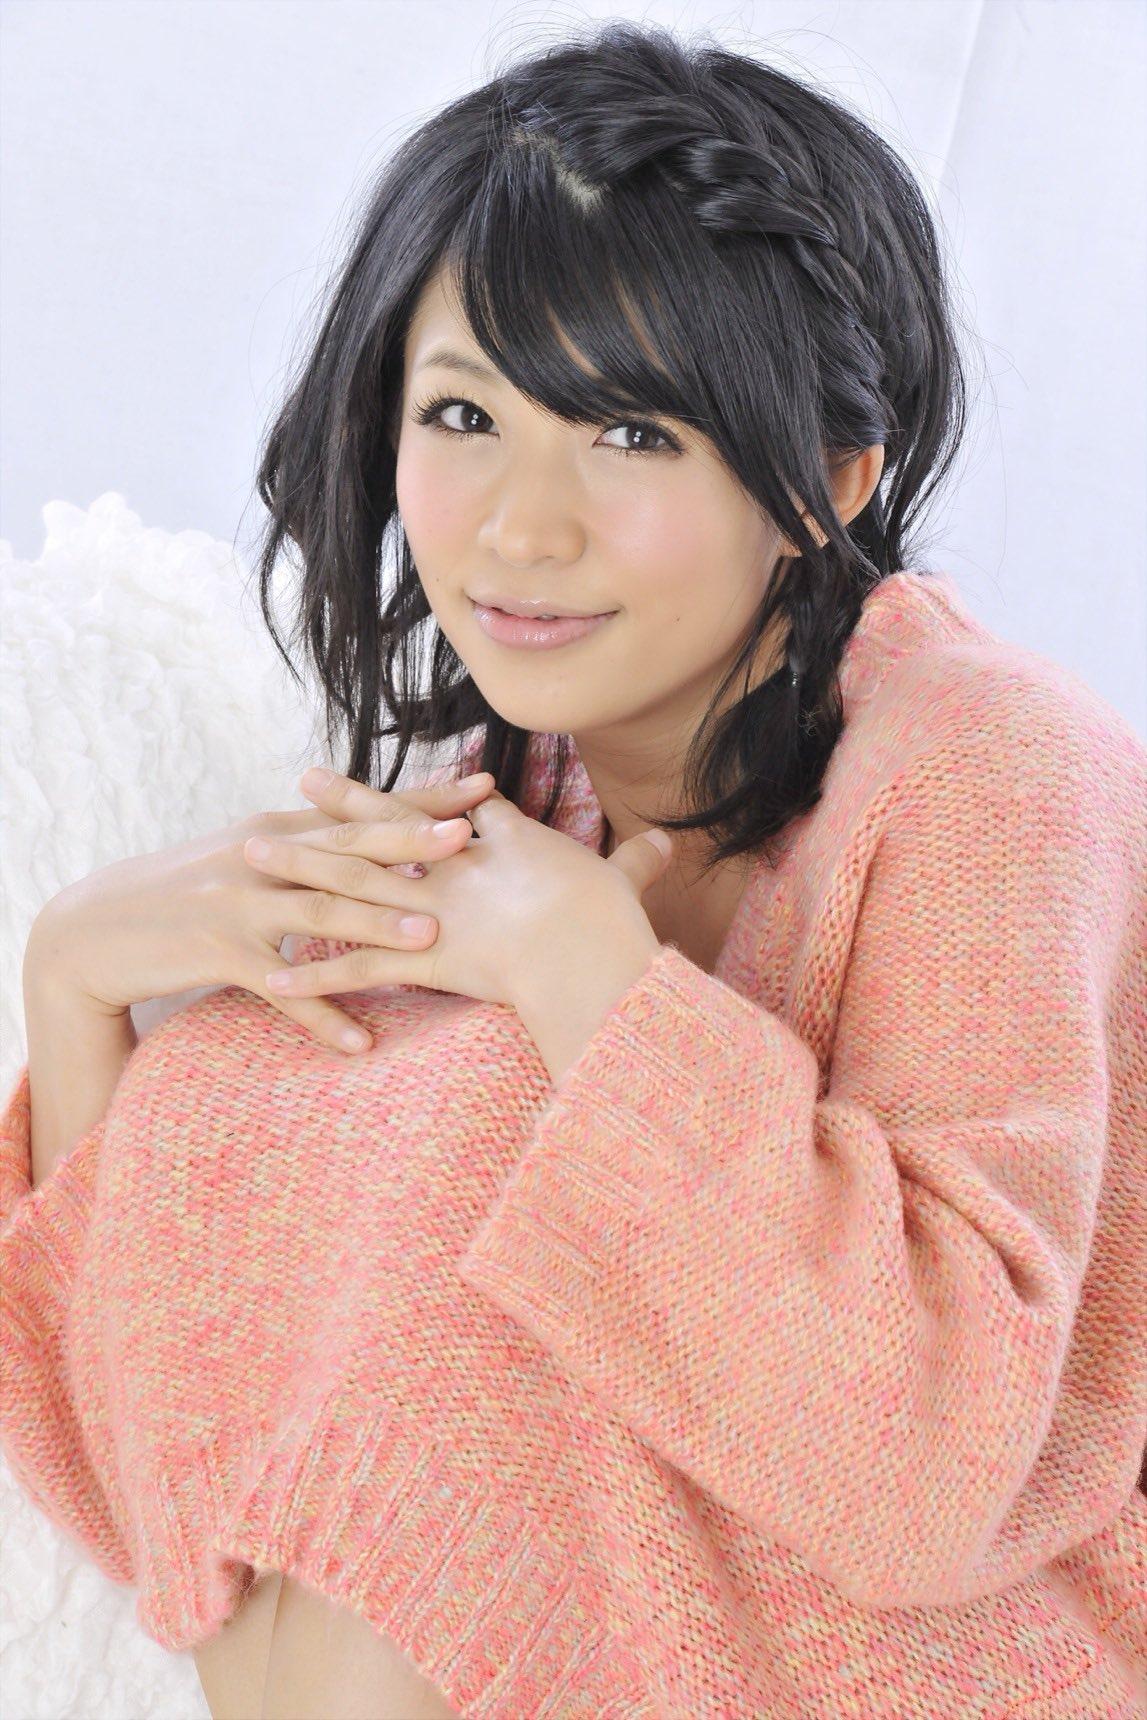 【範田紗々エロ画像】芸能界からやってきた爆乳アイドル代表・範田紗々!